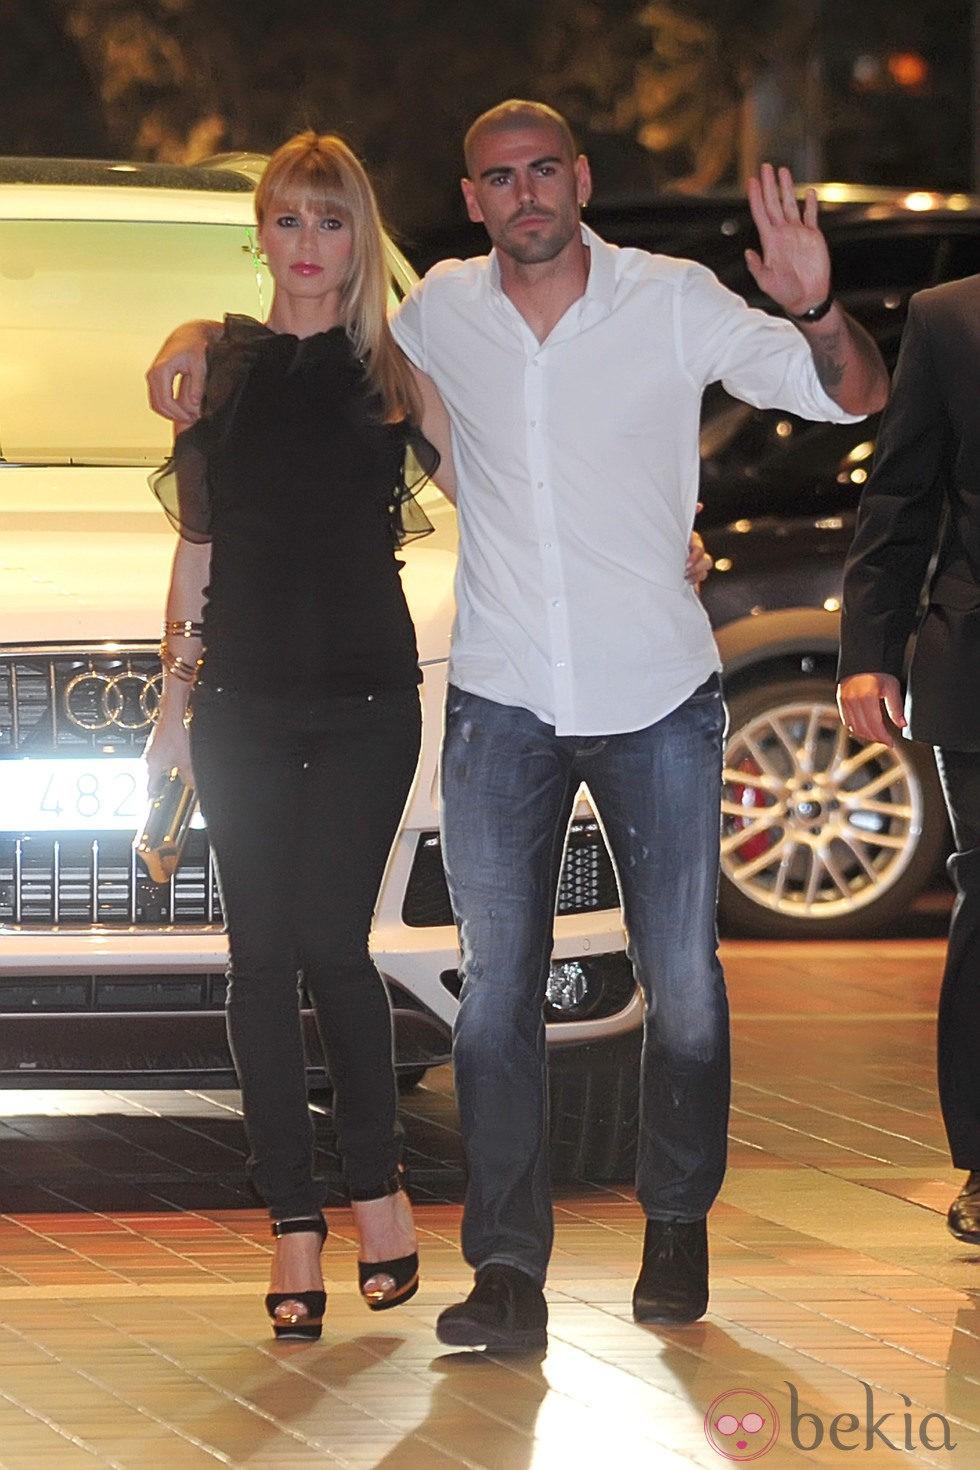 Víctor Valdés y Yolanda Cardona en la cena de celebración del título de Liga del Barça